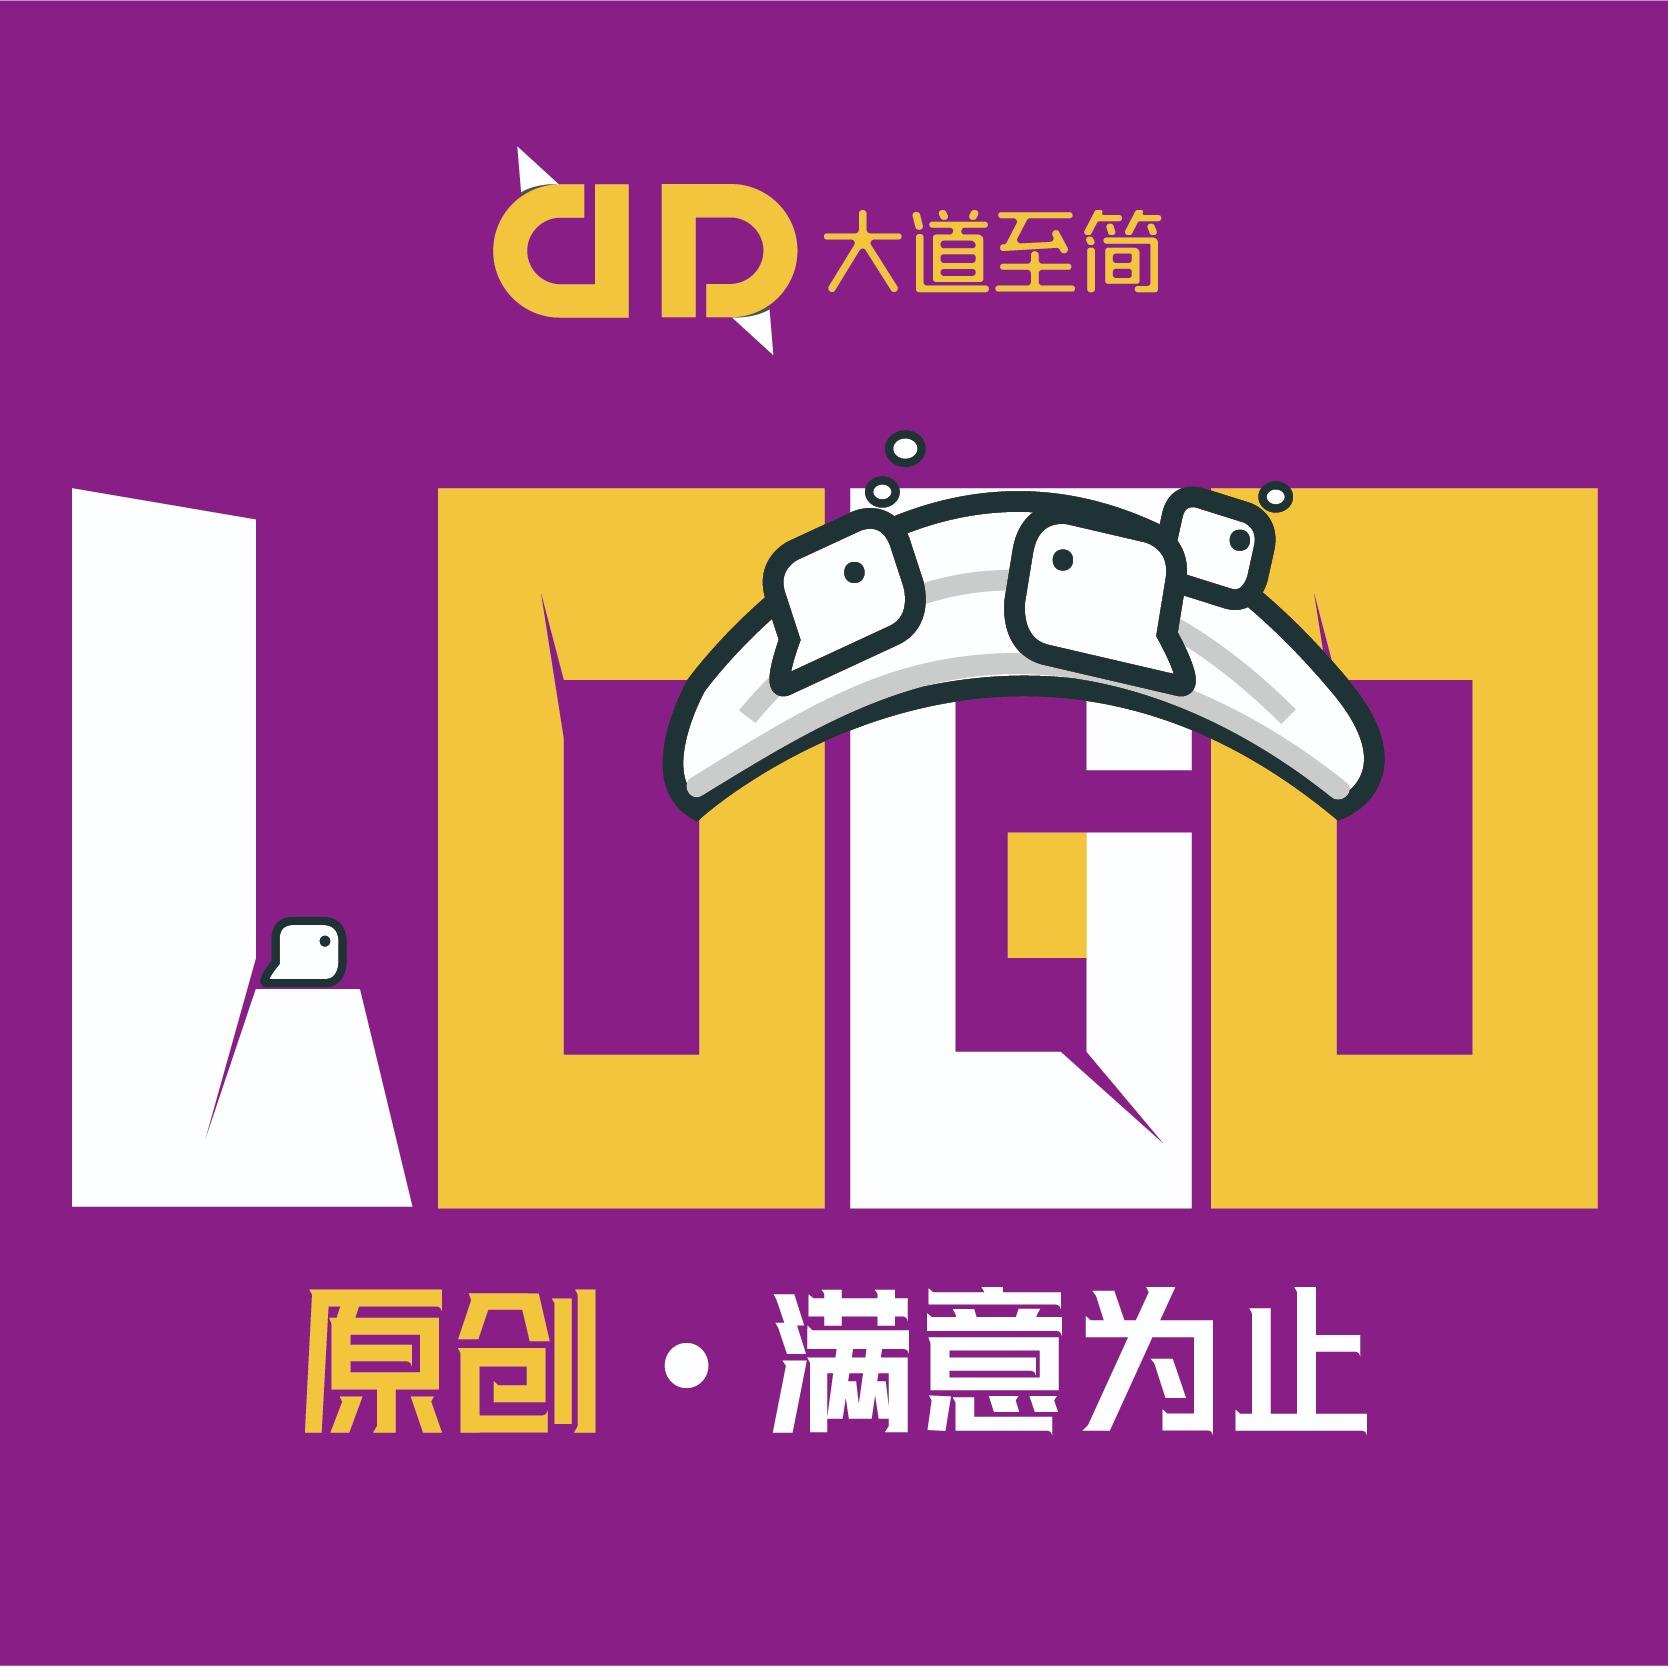 英文教育汽车家居酒店农业建筑图文标志logo设计